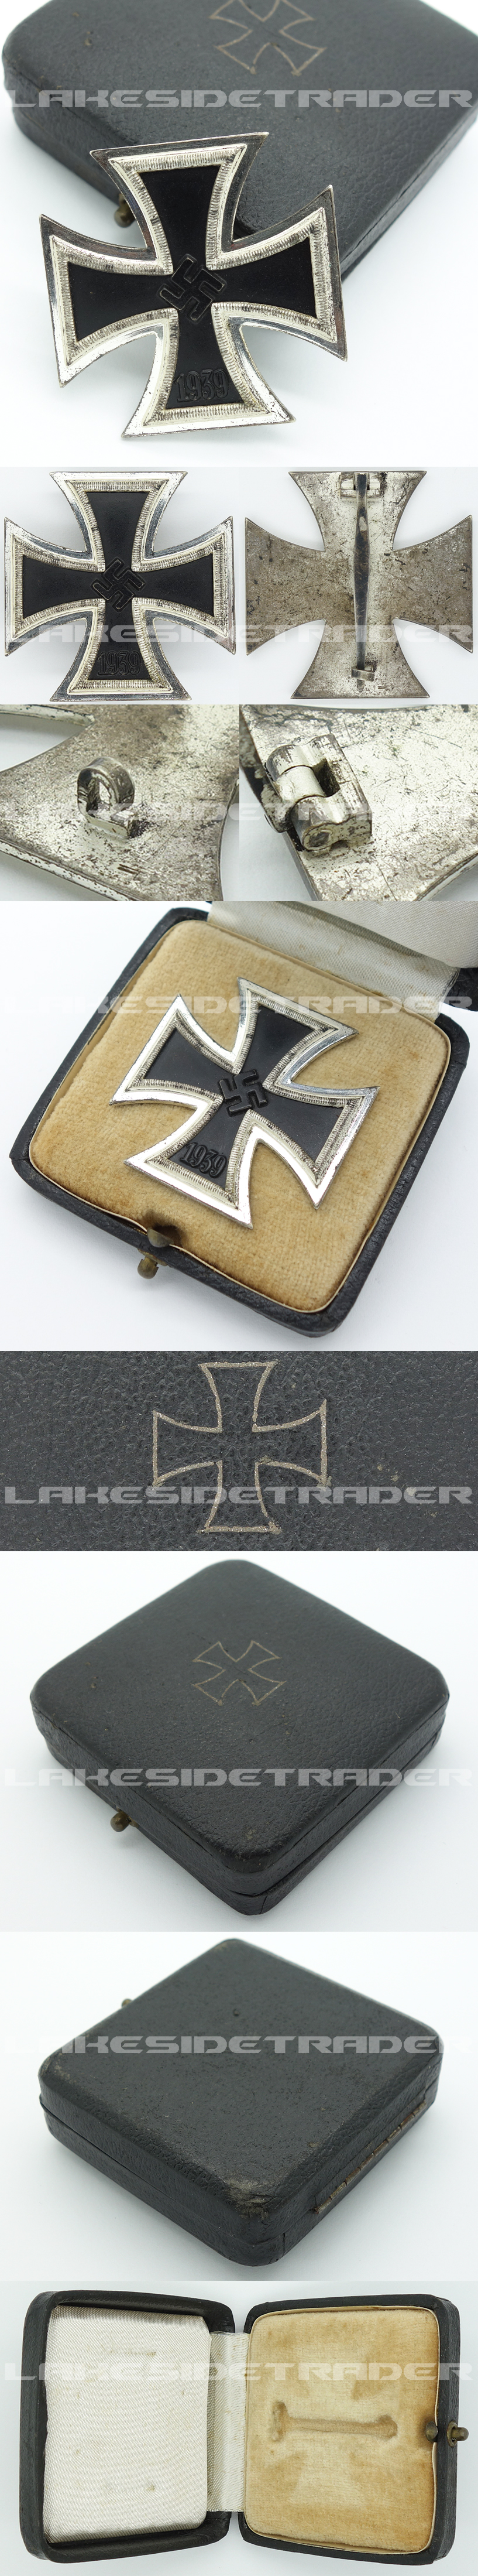 Cased Brass Core 1st Class Iron Cross by R. Wächtler & Lange